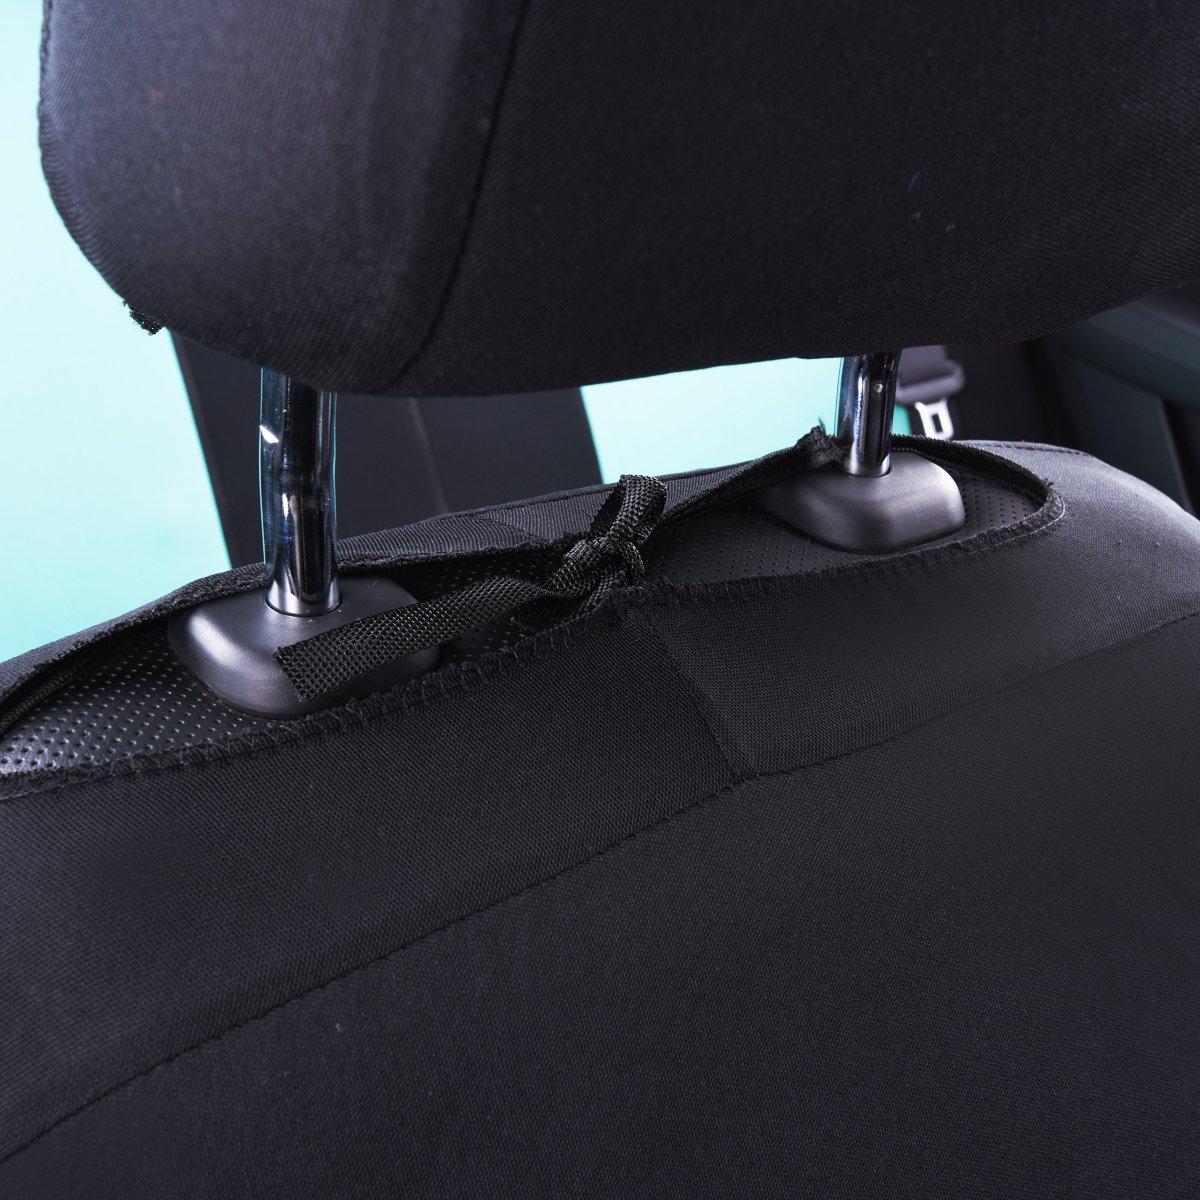 11 Pezzi Set Completo di Fodere per Seggiolino Auto CAR PASS Coprisedili Universali per Auto Protezioni per la Parte Anteriore e Posteriore del Sedile